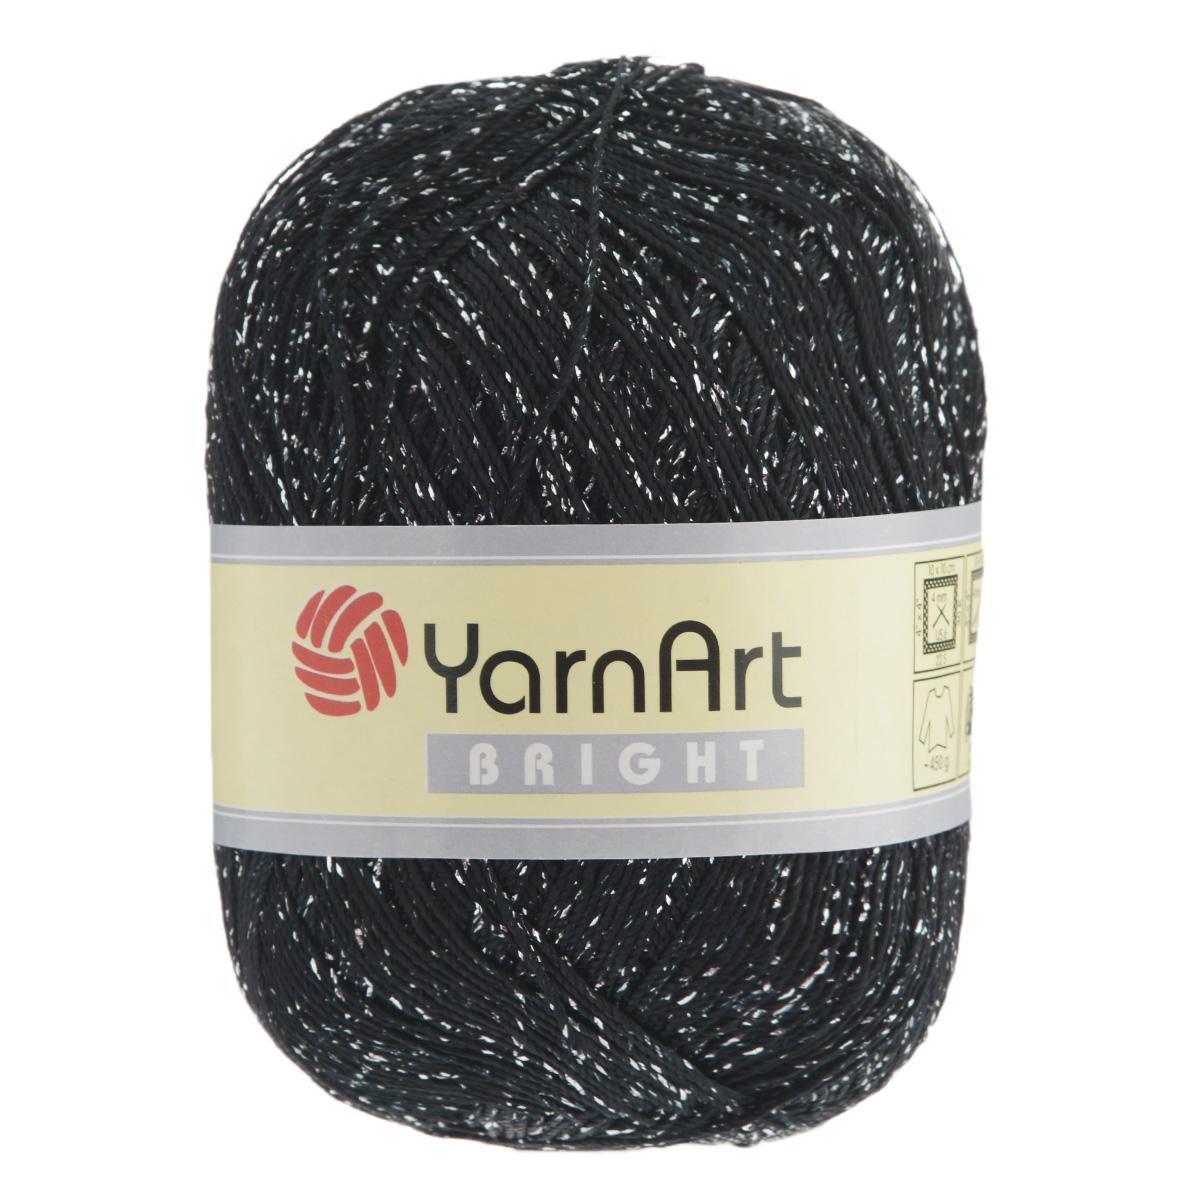 Пряжа для вязания YarnArt Bright, цвет: черный, серебряный (107), 340 м, 90 г, 6 шт372010_107С фантазийной пряжей YarnArt Bright с металлизированным полиэстером вязаные изделия приобретут оригинальный вид. Из такой пряжи можно вязать изделие целиком или использовать ее для отделки. В основном вяжут из таких ниток нарядные вещи - болеро, блузки, топики, платья, юбки, пуловеры и т. д. В настоящее время вязание плотно вошло в нашу жизнь, причем не столько в виде привычных свитеров, сколько в виде оригинальных, изящных моделей из самой разнообразной пряжи. Поэтому так важно подобрать именно ту пряжу, которая позволит вам связать даже самую сложную и необычную модель изделия. Комплектация: 6 мотков. Состав: 80% полиэстер, 20% металлизированный полиэстер. Допускается машинная стирка 40°C. Рекомендованы спицы и крючок 4 мм.